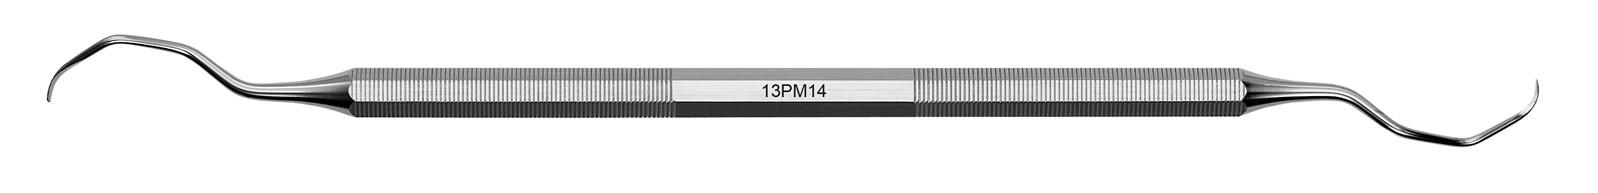 Kyreta Gracey Mini - 13PM14, ADEP tmavě modrý